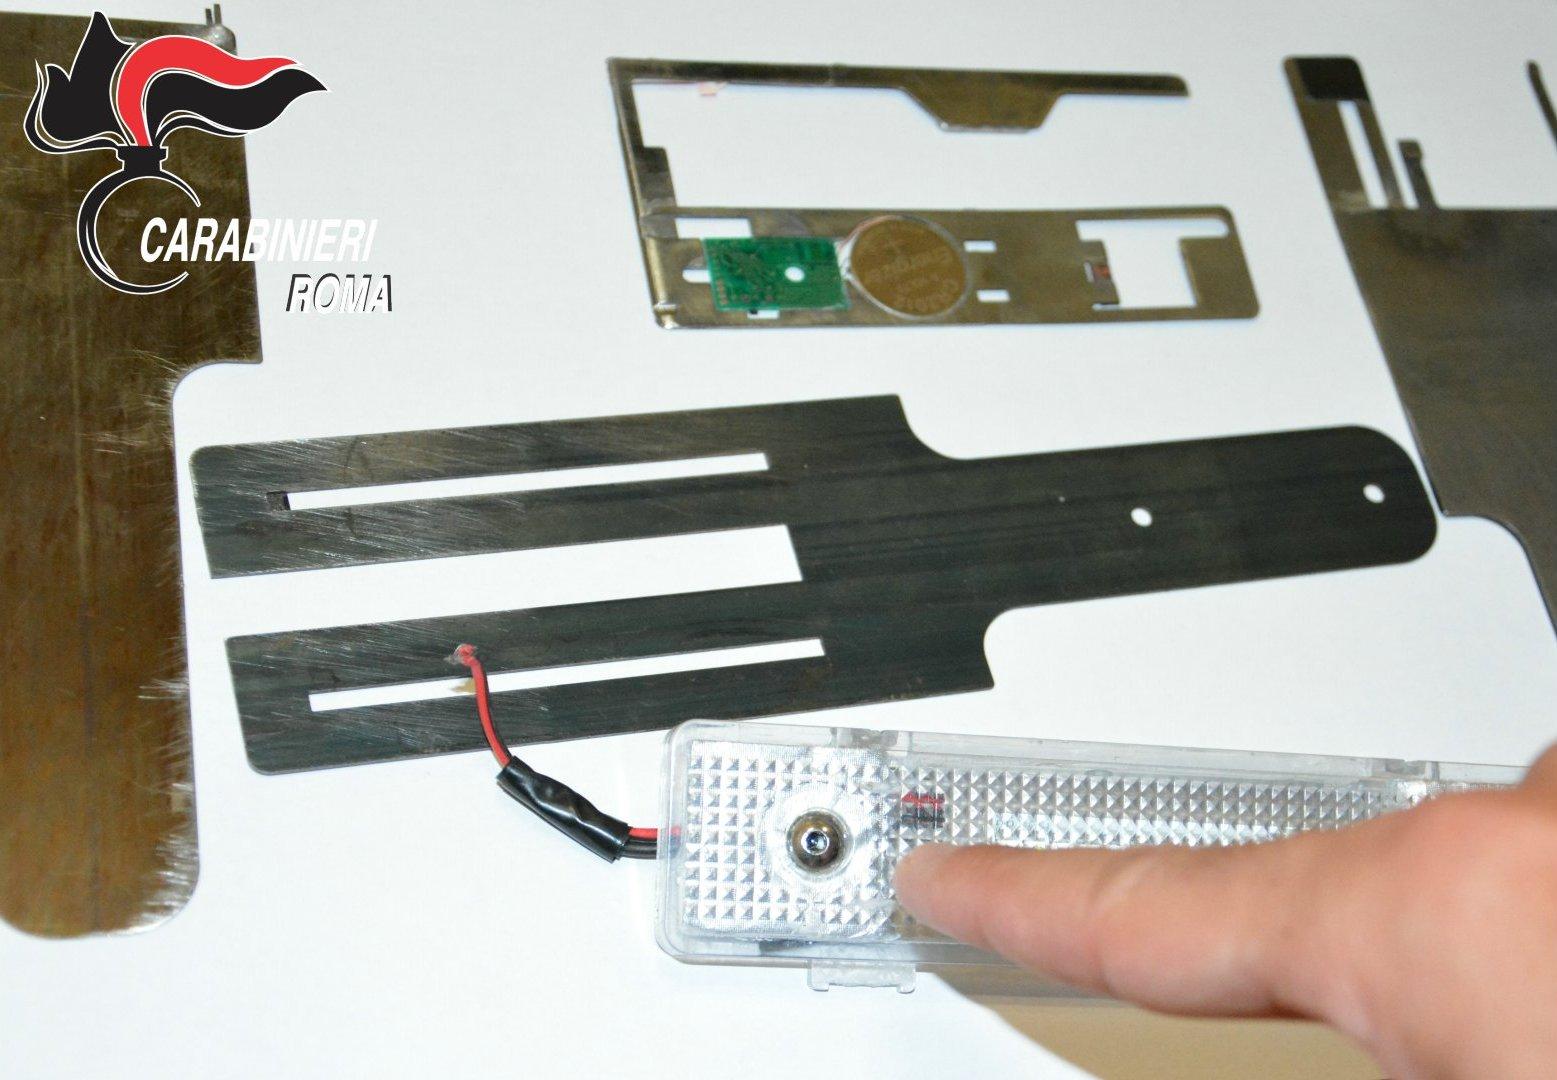 Bancomat termini carte di credito clonate CENTRO - La strumentazione elettronica sequestrata dai Carabinieri (5)